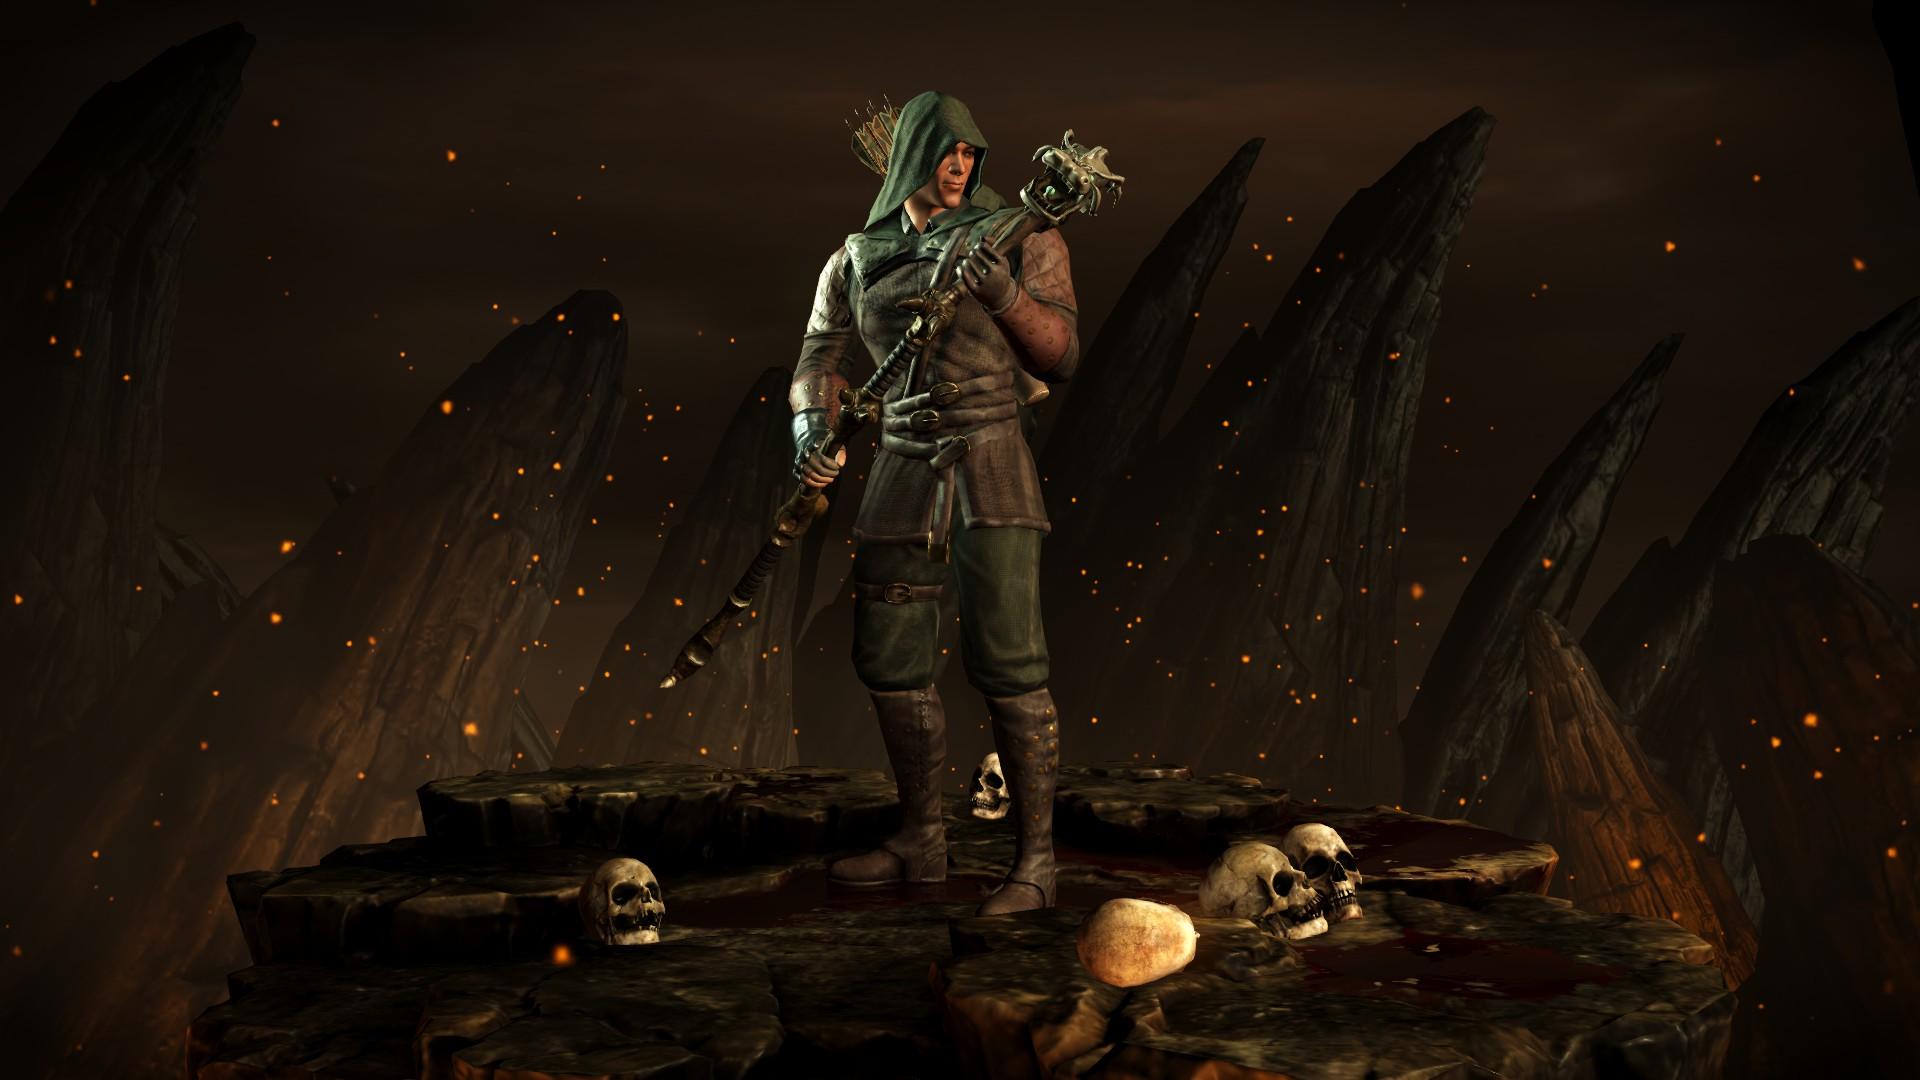 Кун Цзинь (Костюм: Снайпер) - Mortal Kombat X Кун Цзинь